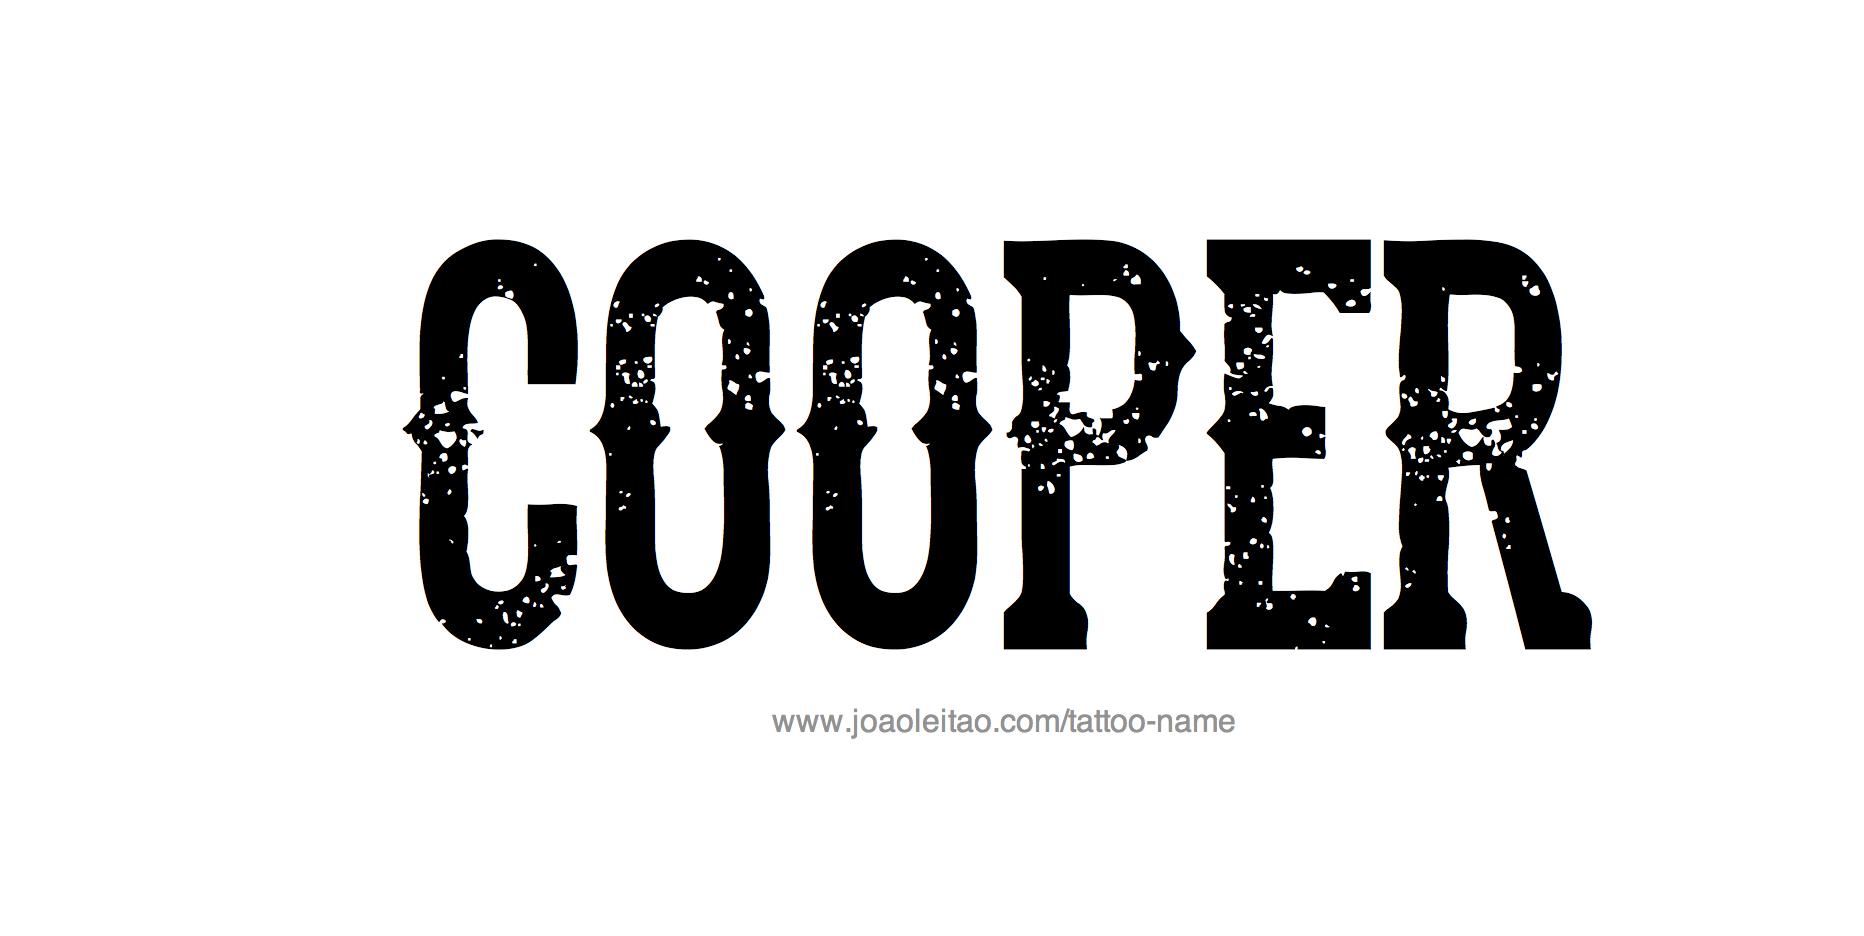 Name: Cooper Name Tattoo Designs